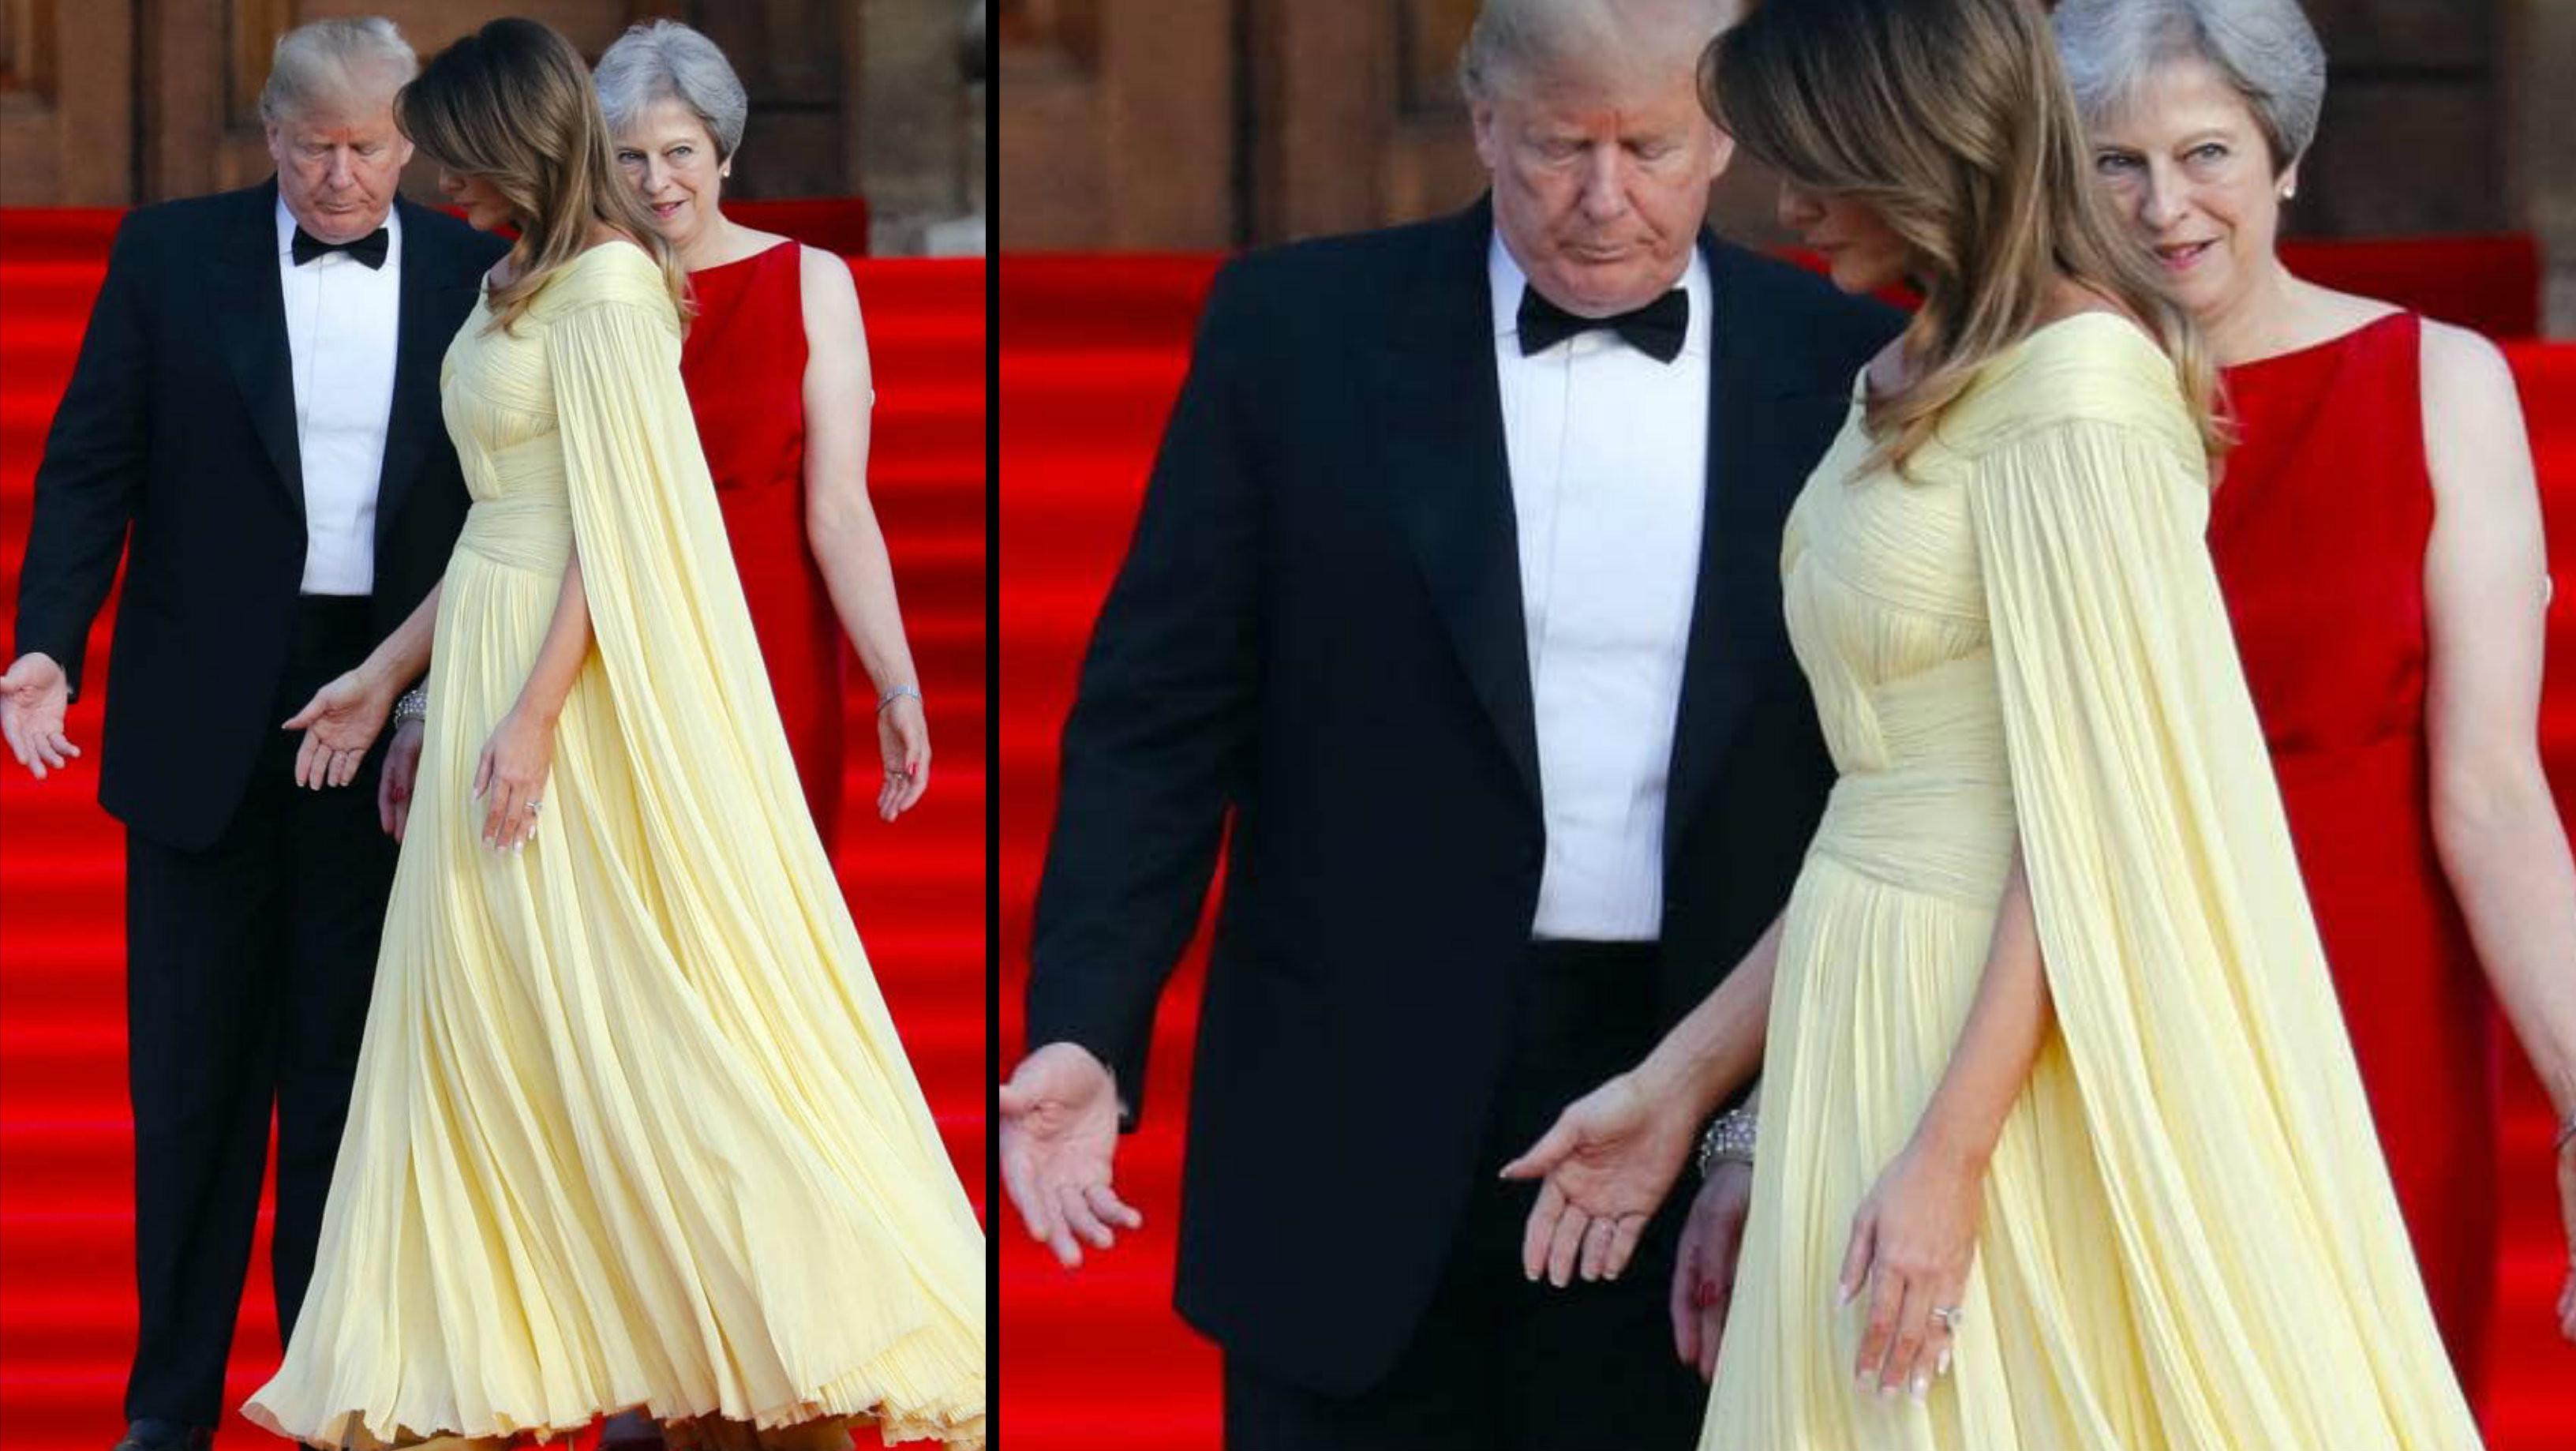 Melania Trump mengenakan gaun kuning dan disebut mirip putri Disney di film Beauty and the Beast. (AP)